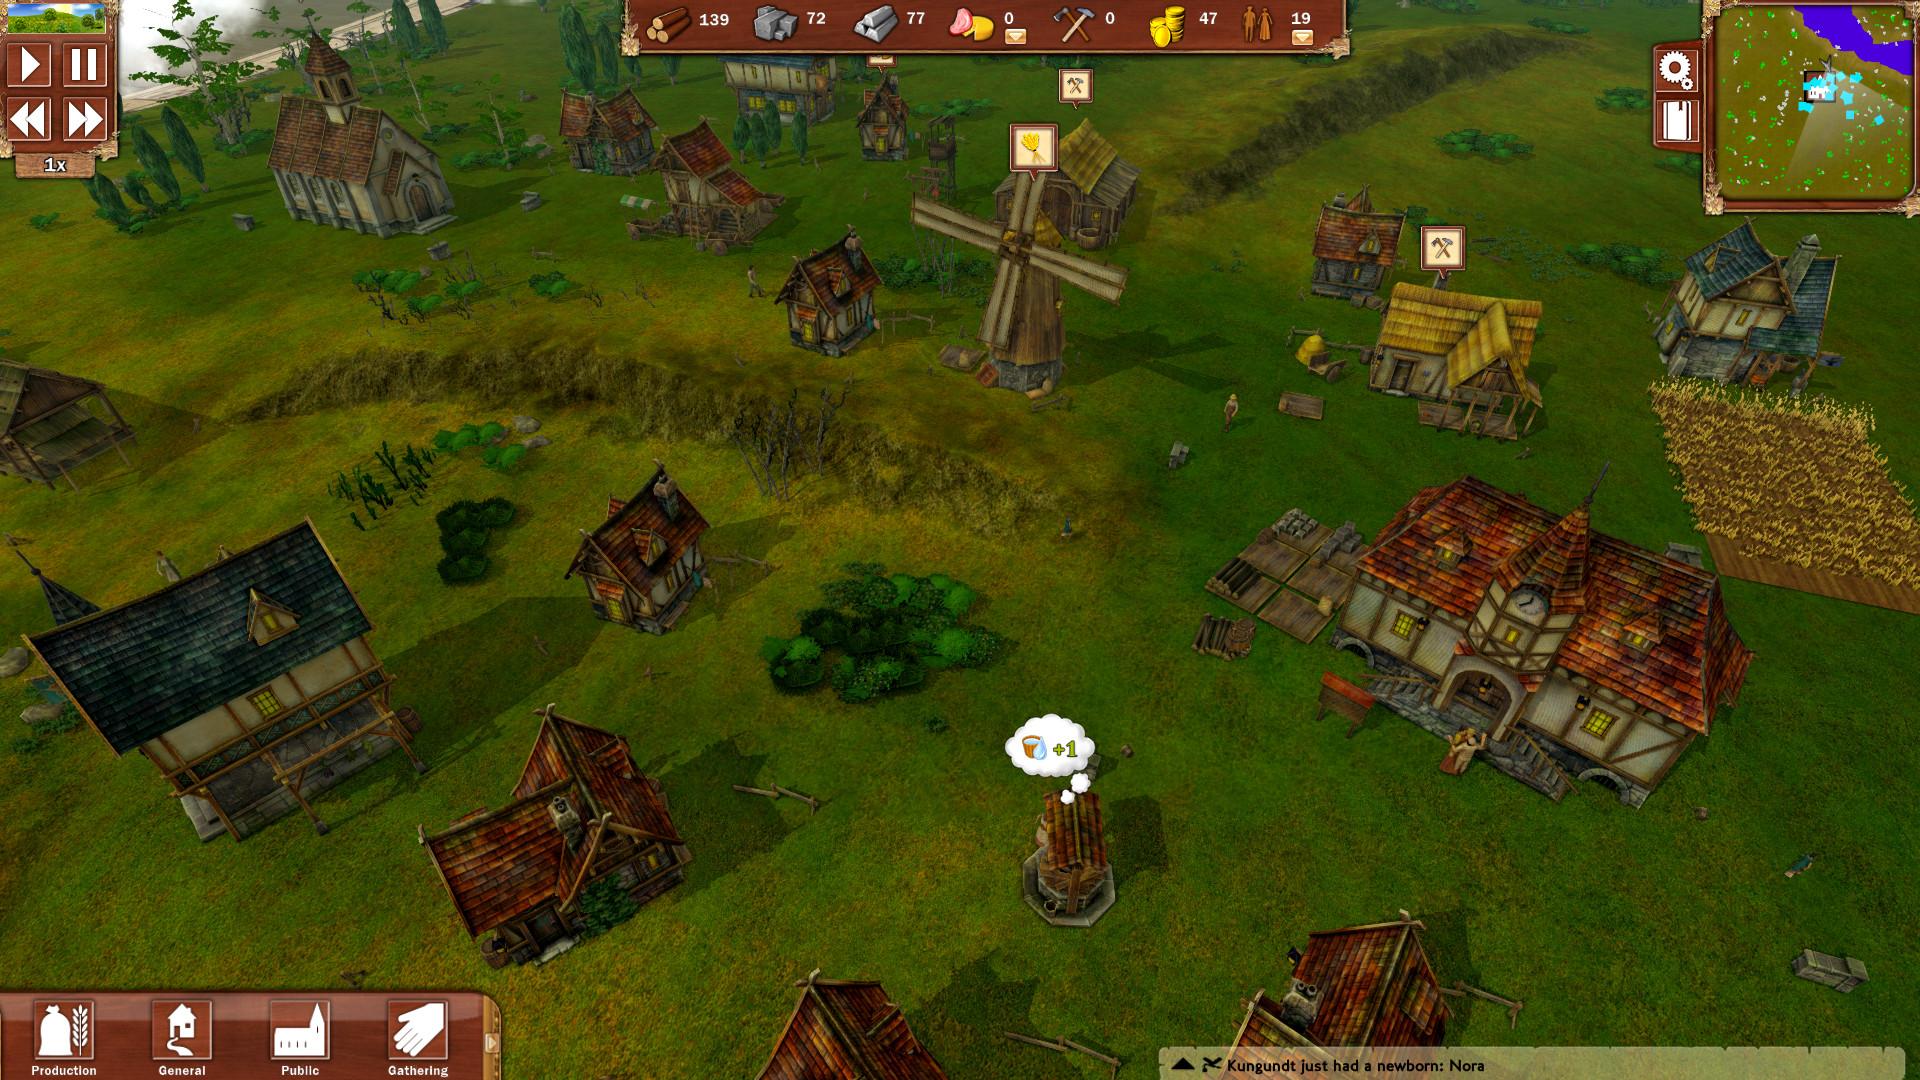 Villagers Screenshot 3